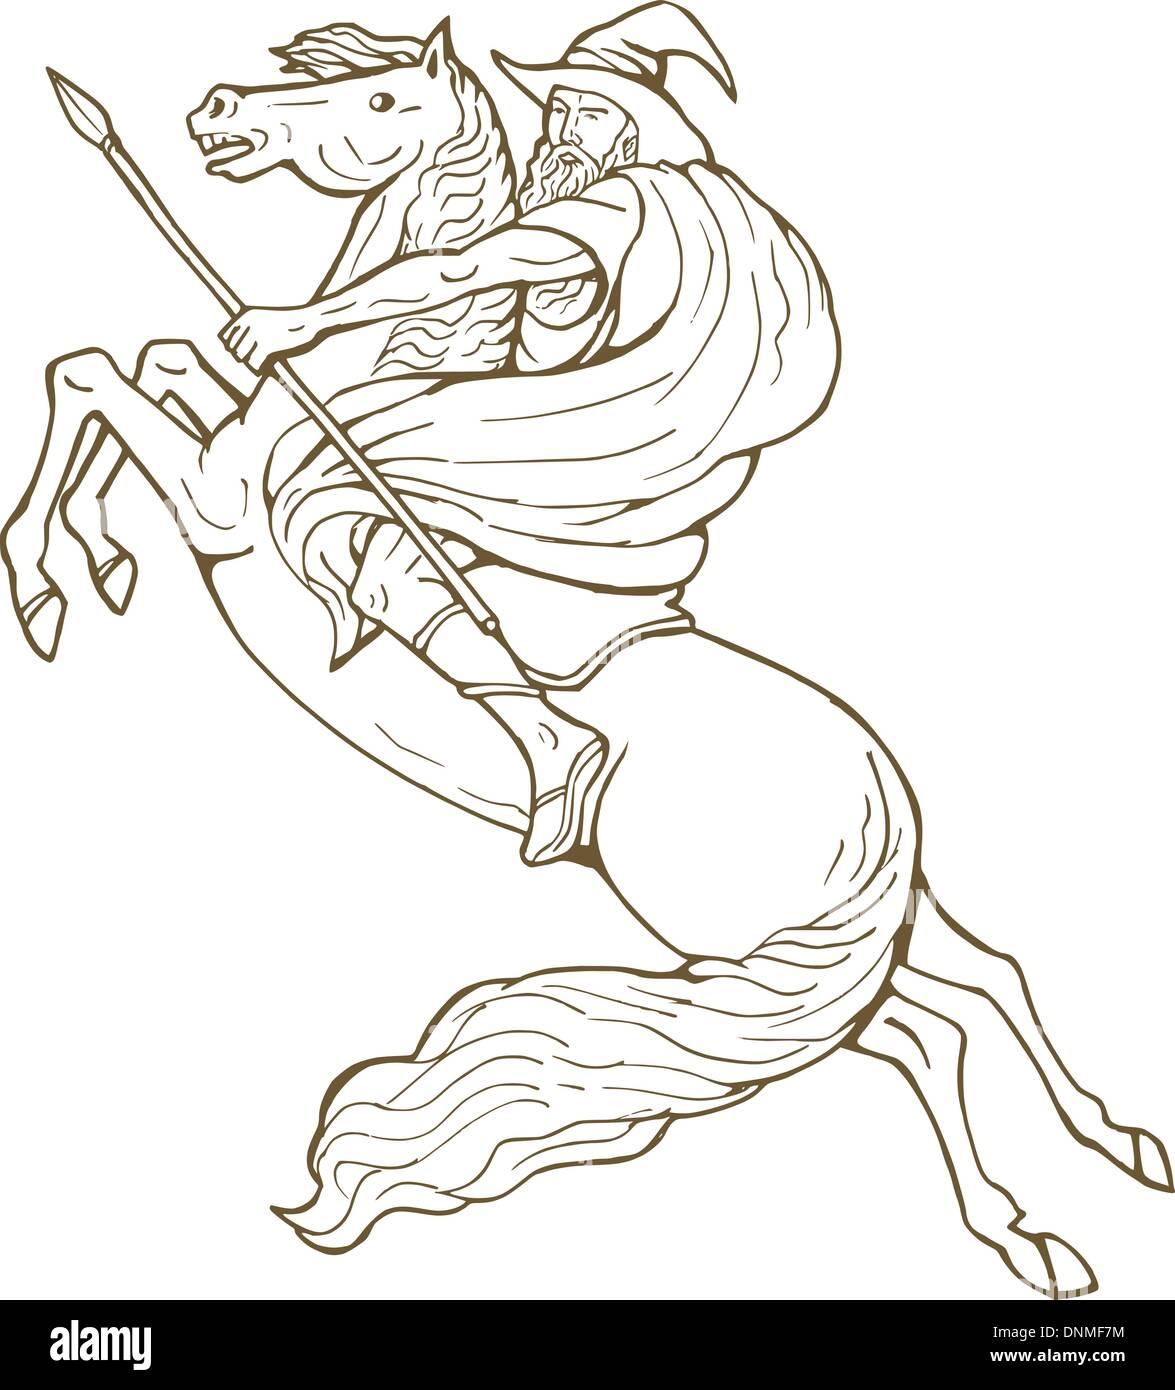 illustration of Norse God Odin riding horse isolated on white - Stock Image